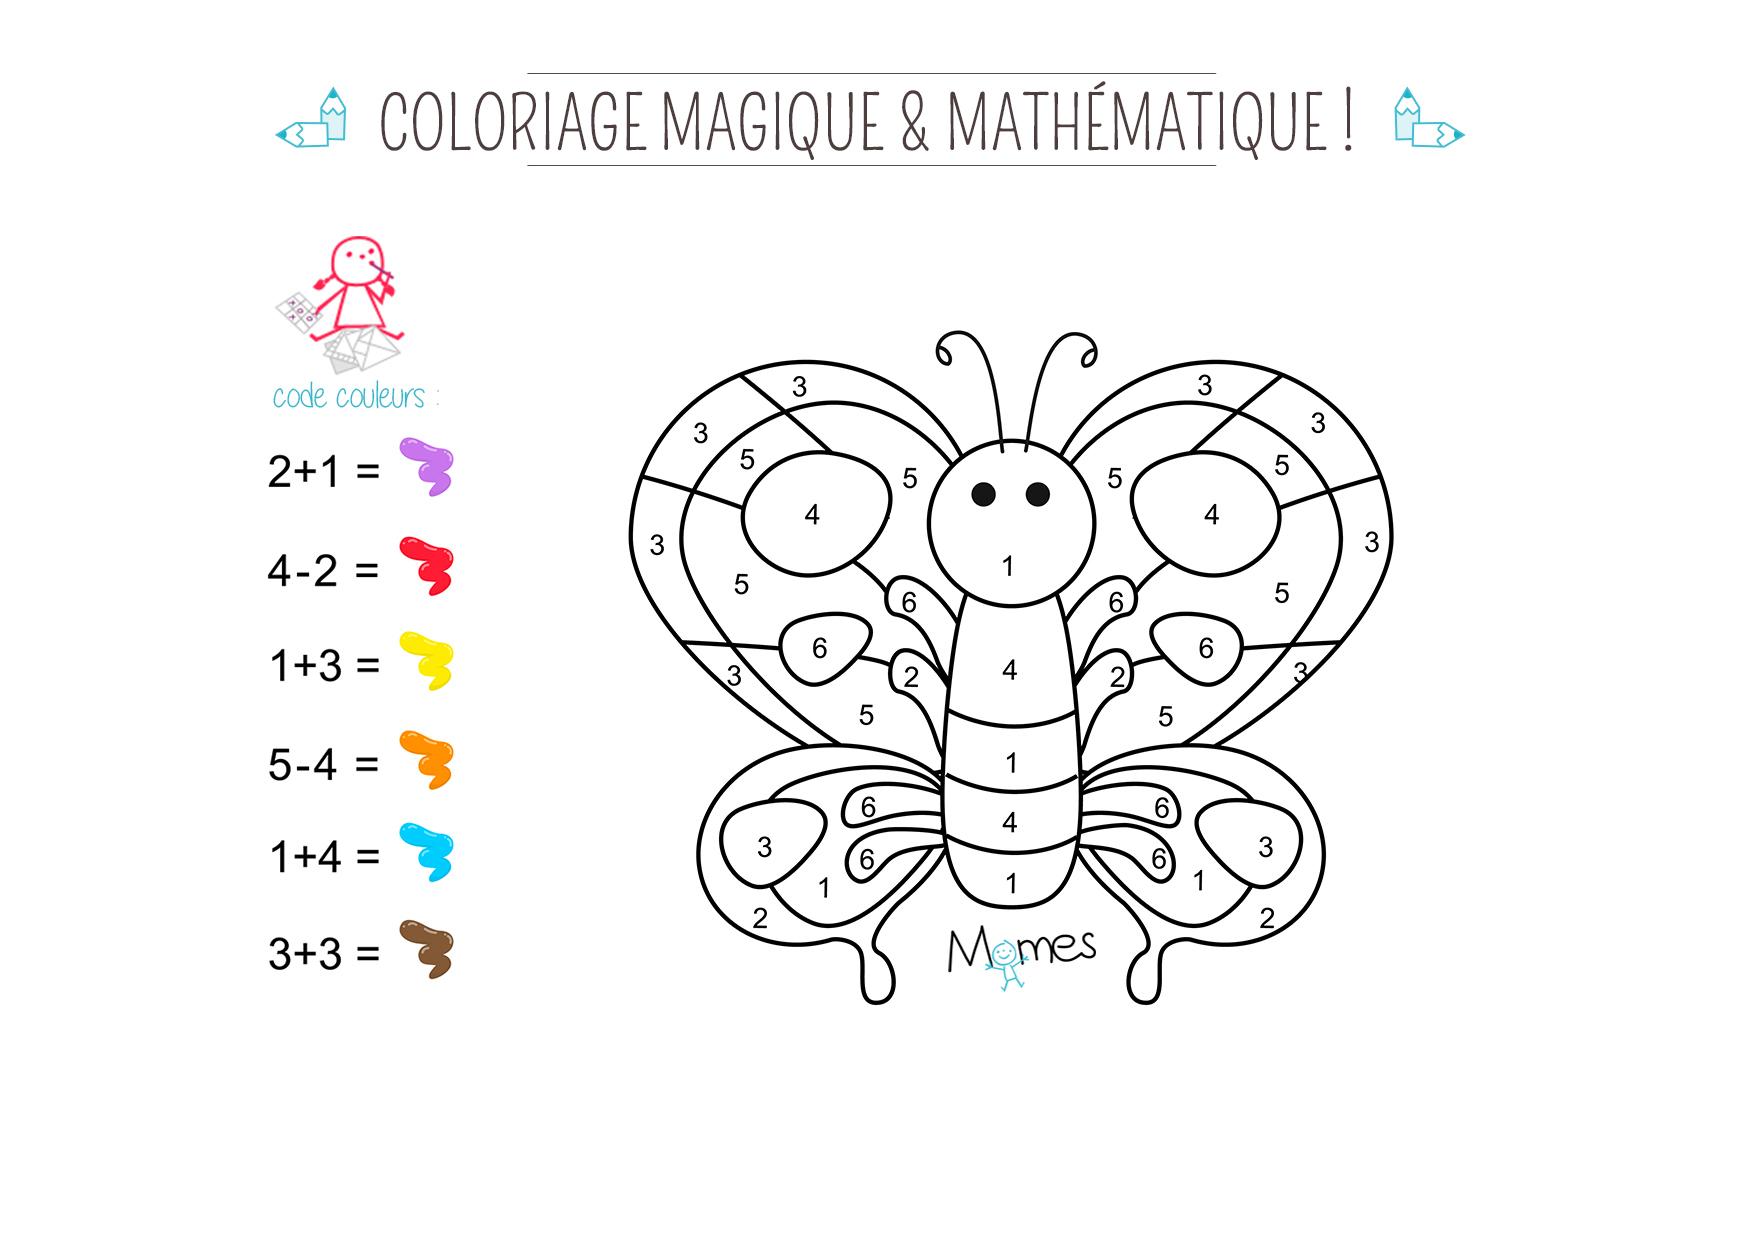 Coloriage Magique Et Mathématique : Le Papillon - Momes pour Coloriage Magique 4 Ans